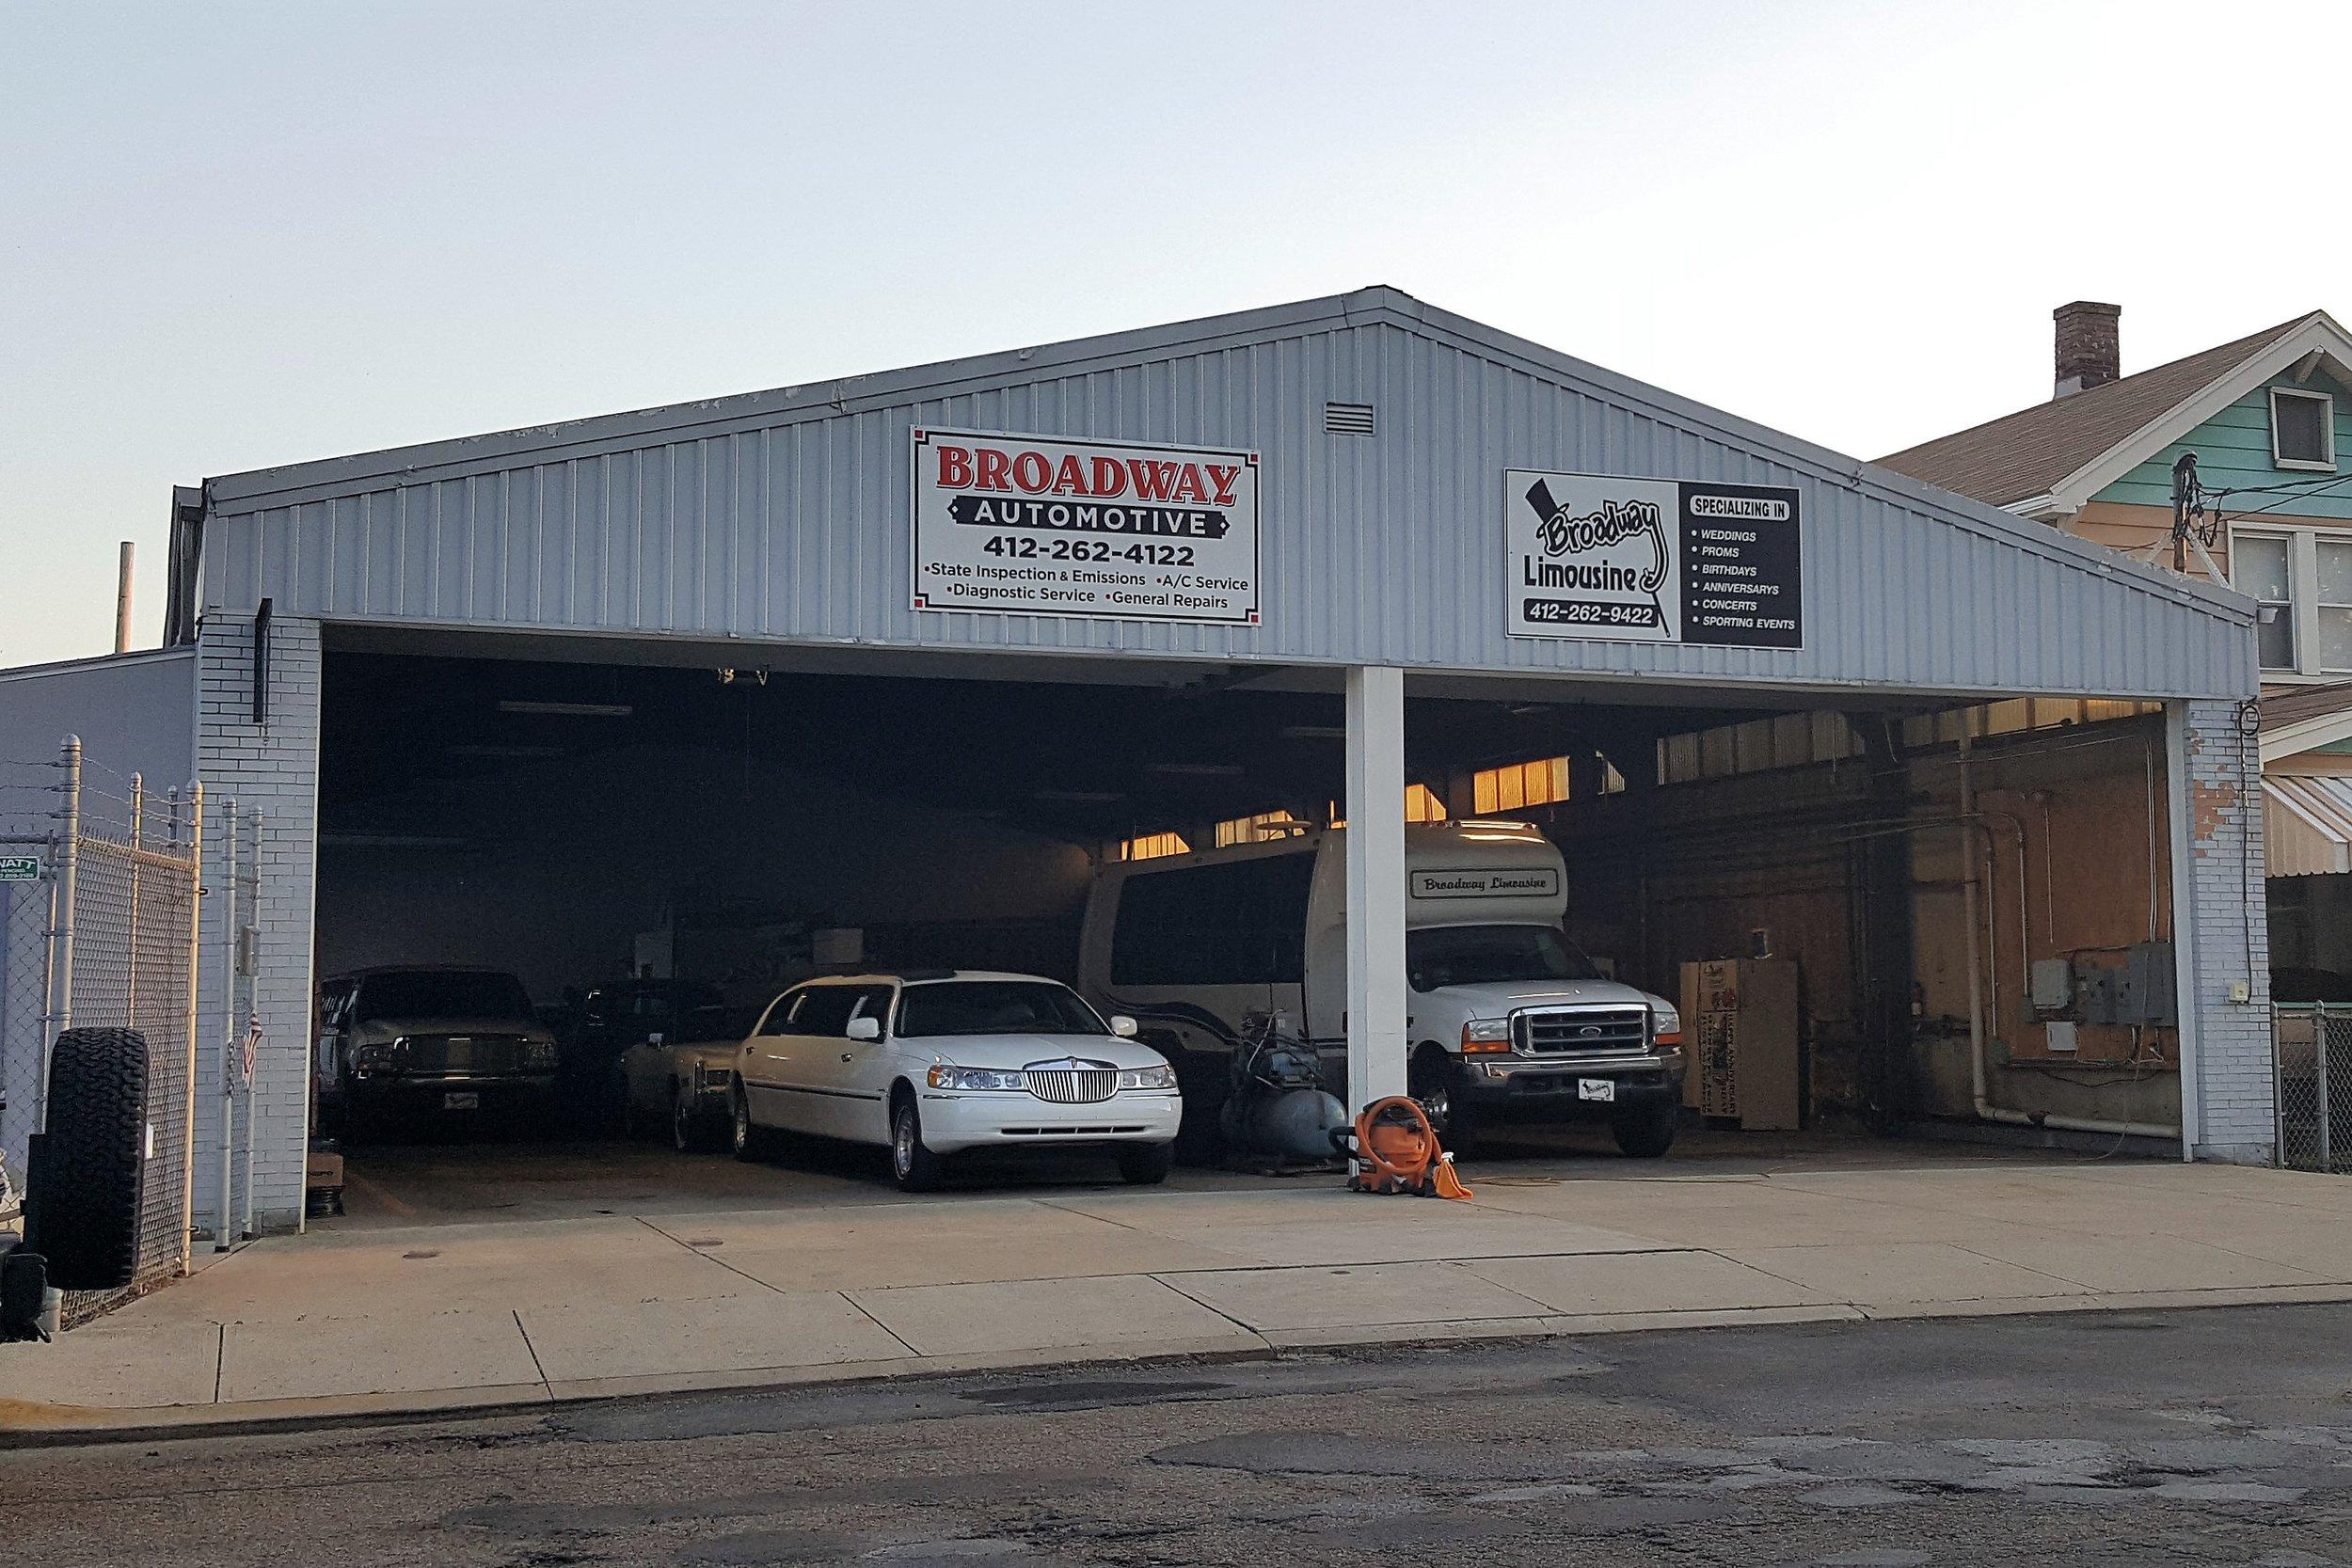 Broadway Automotive - 940 1st Ave, (412) 262-4122